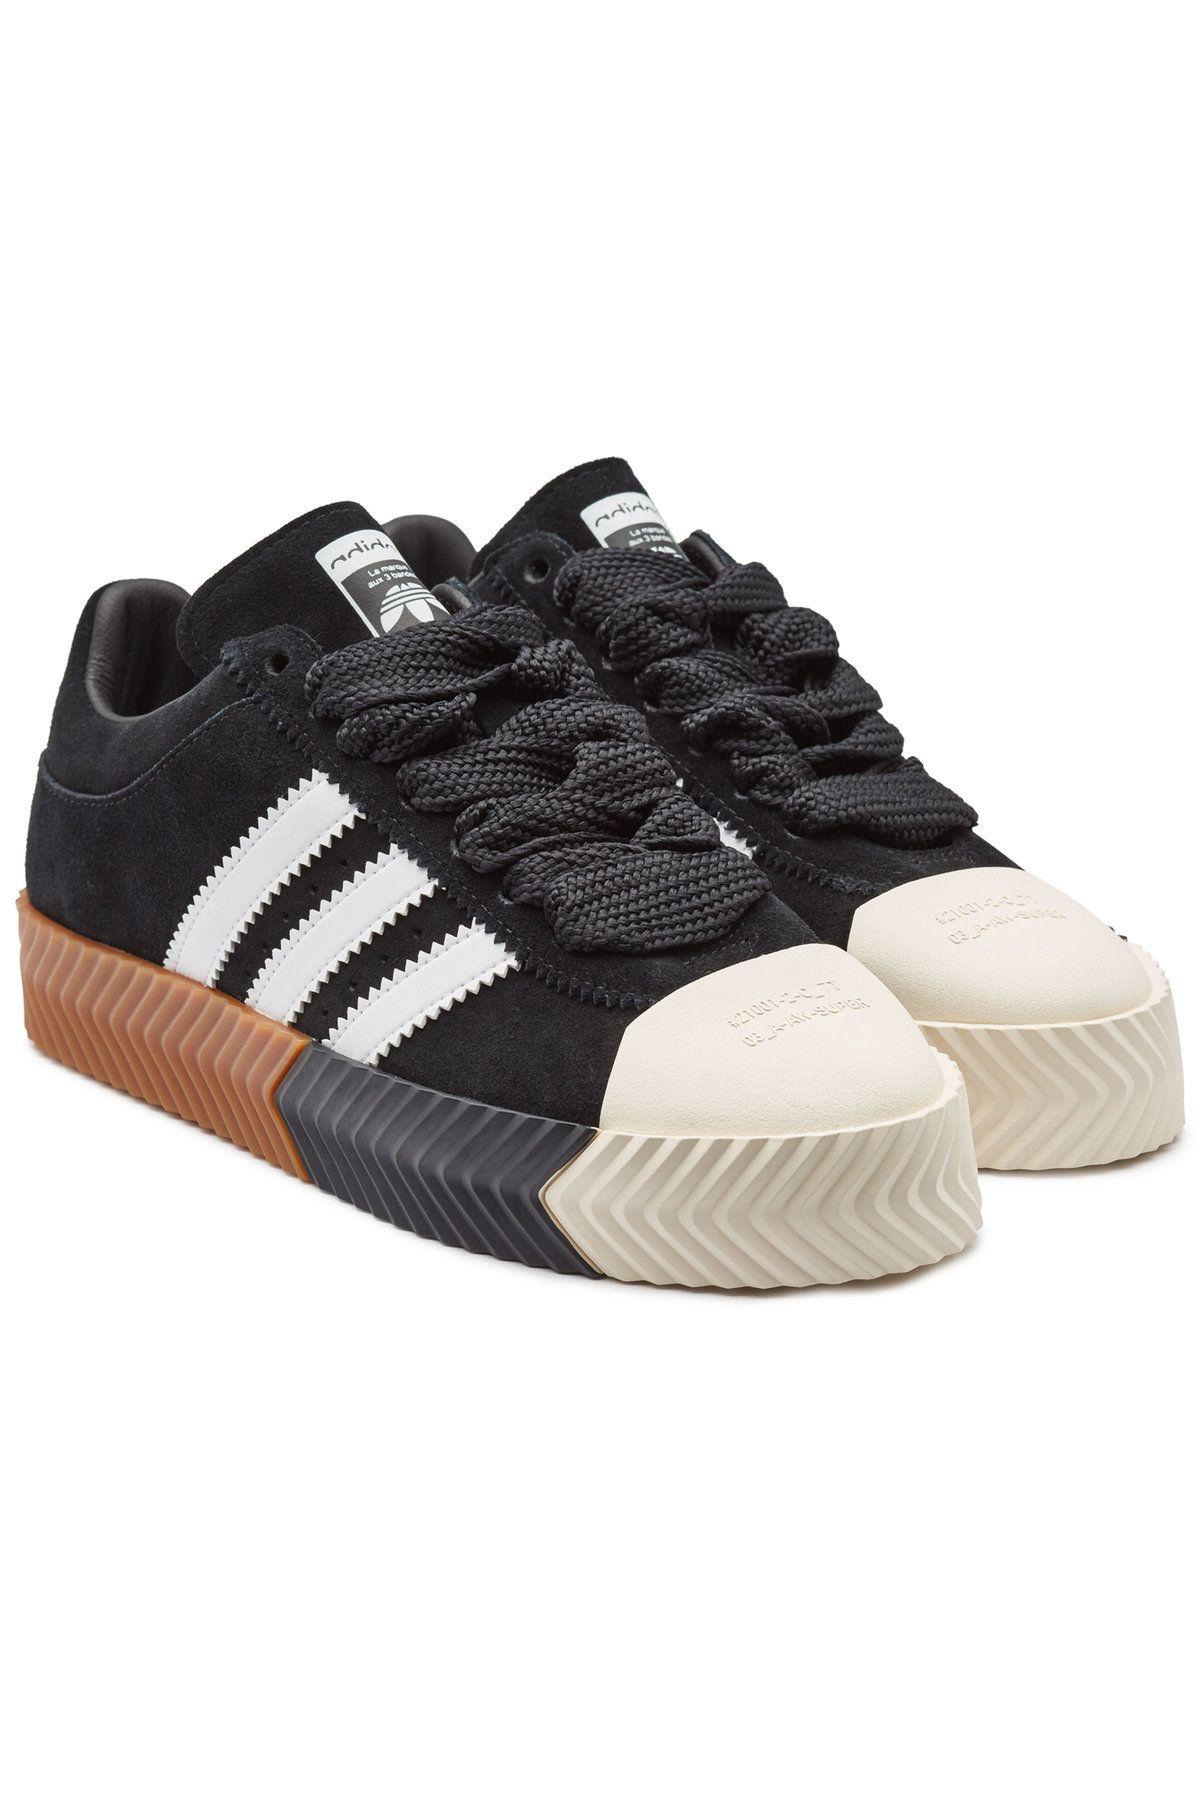 17b88e77a ADIDAS ORIGINALS BY ALEXANDER WANG AW SKATE SUPER SUEDE SNEAKERS.  #adidasoriginalsbyalexanderwang #shoes